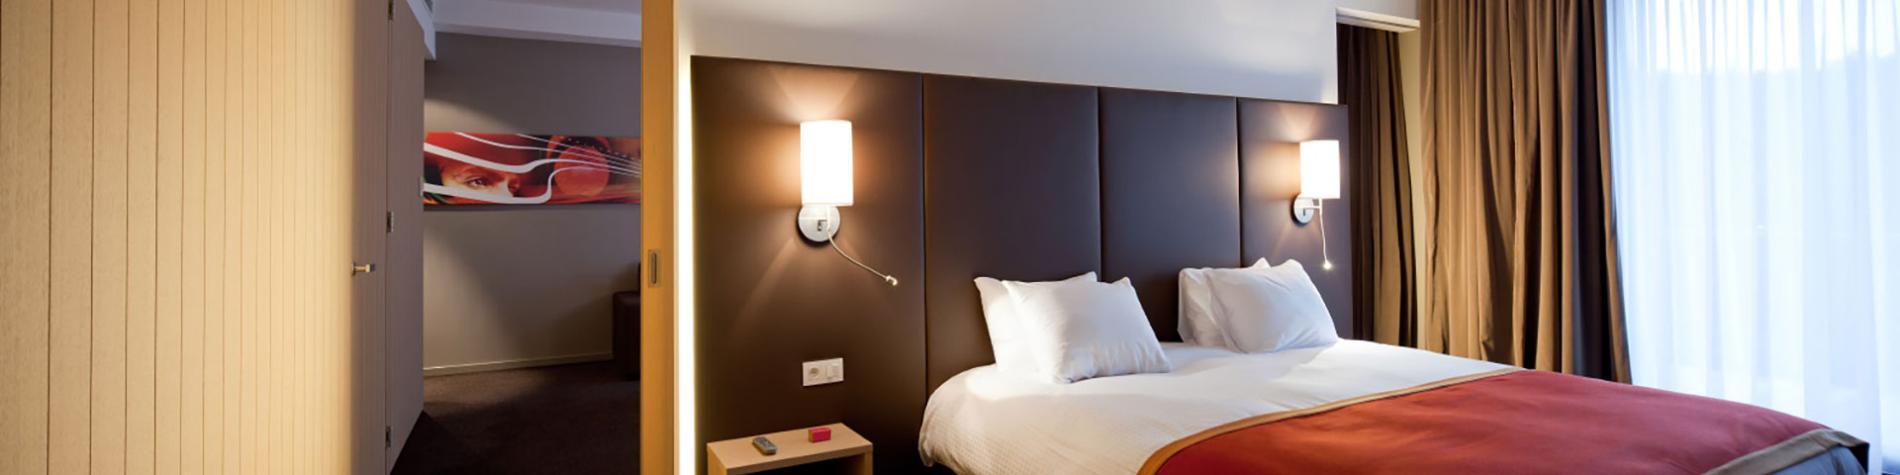 chambre avec lit double et tête de lit en cuir